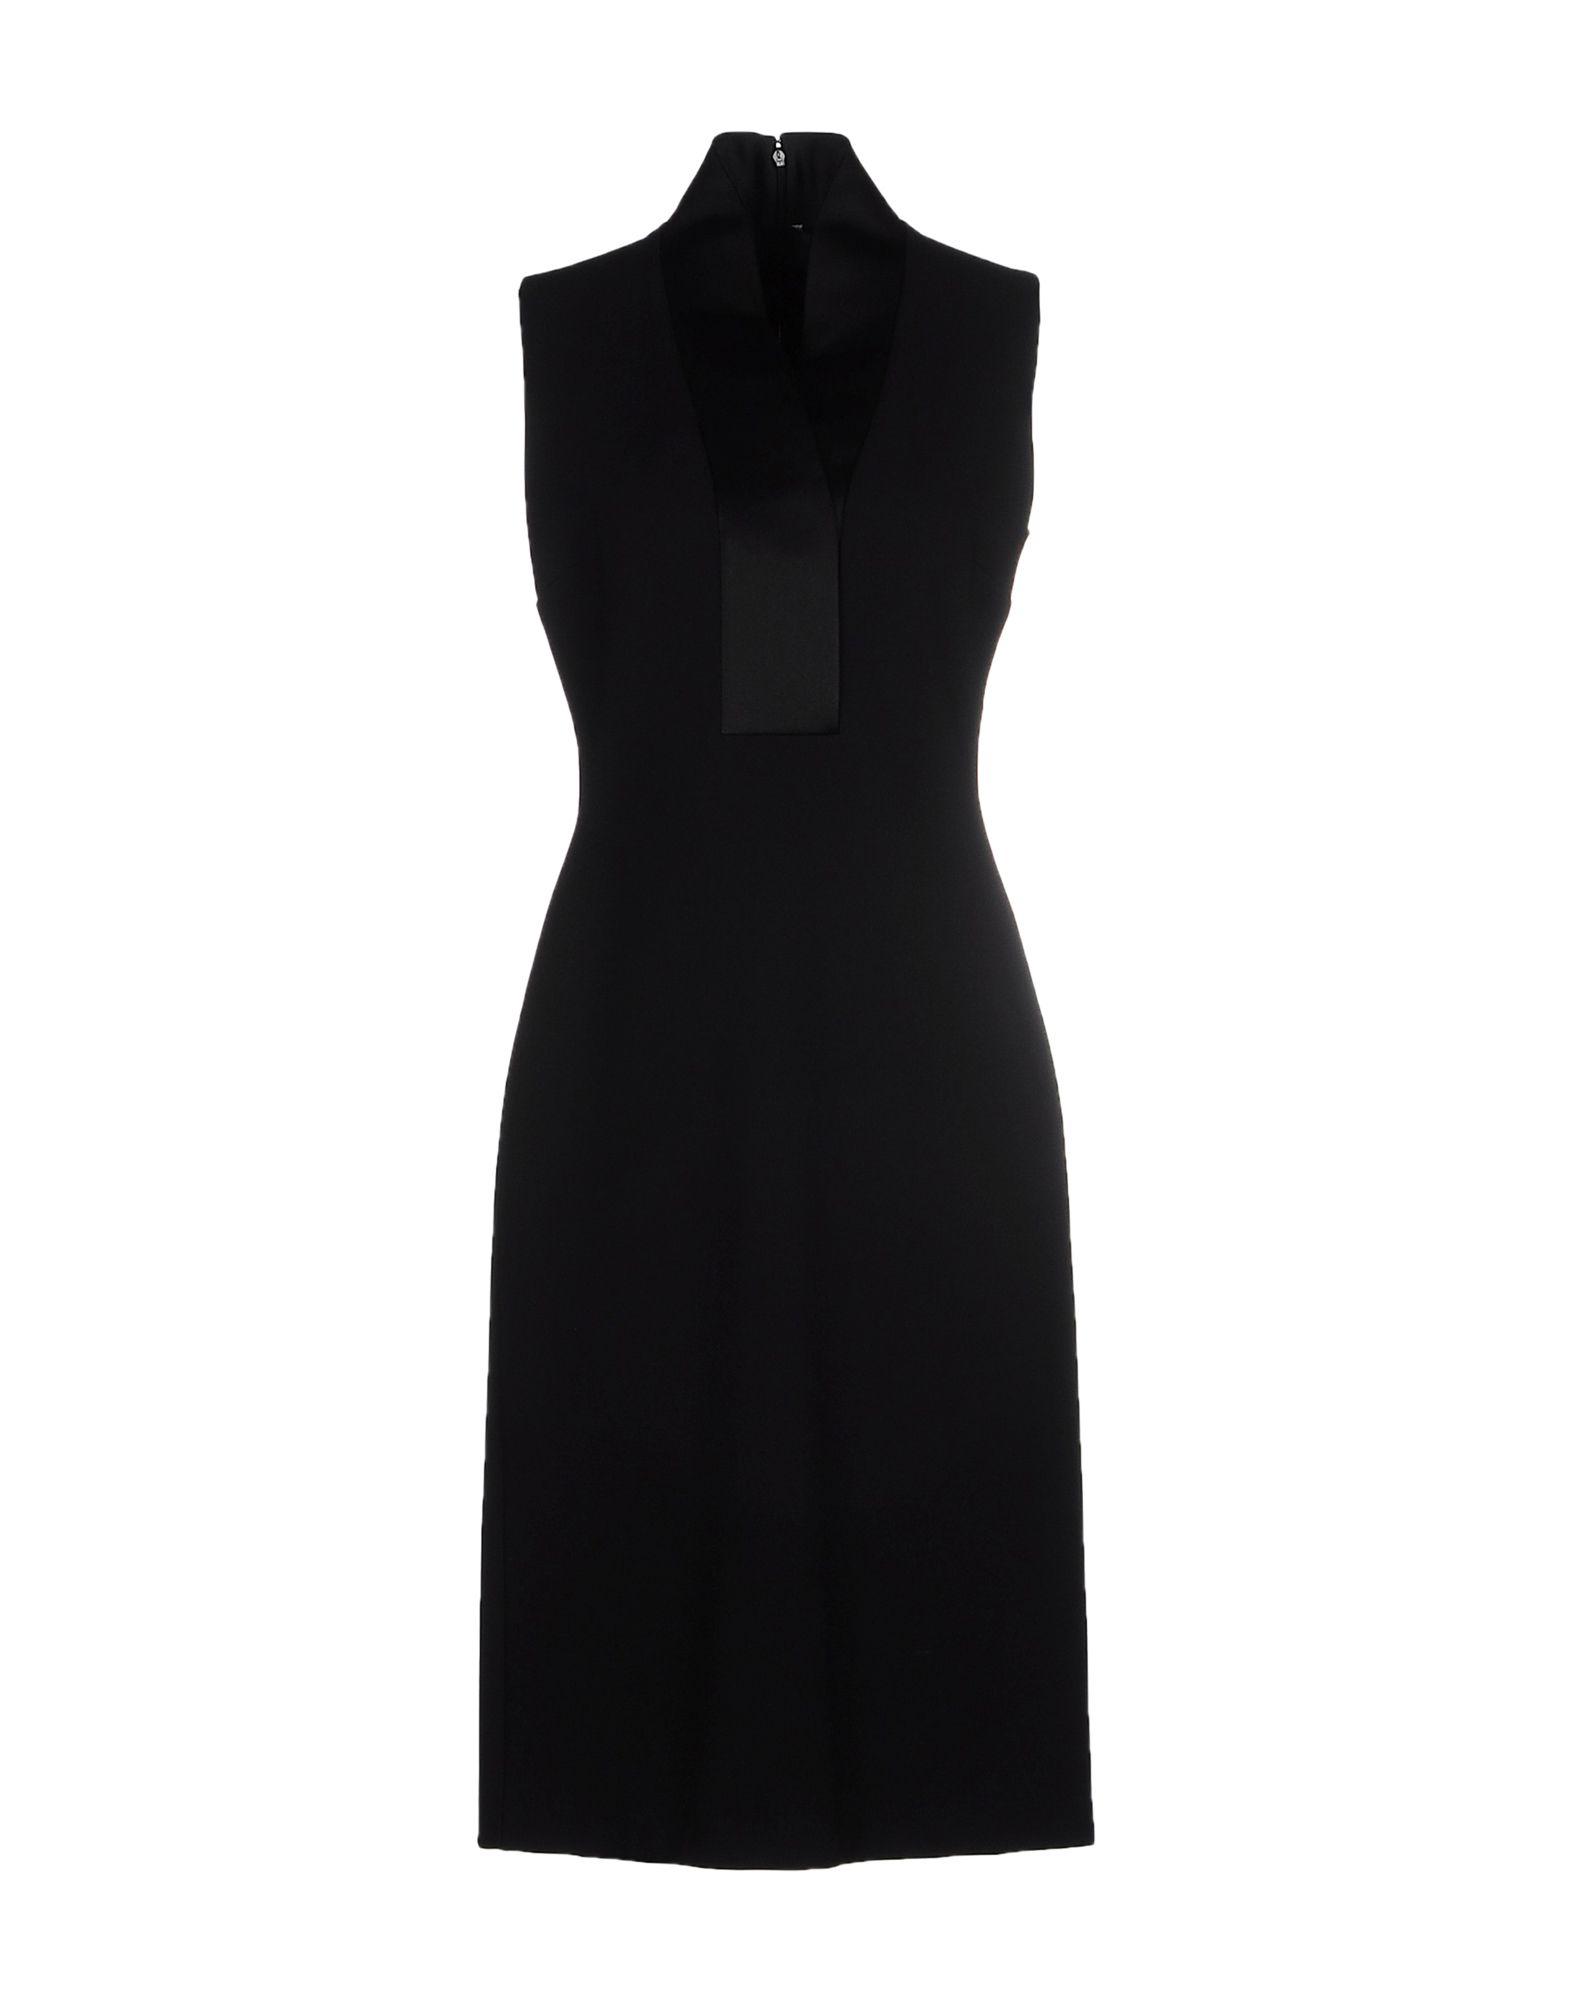 GUCCI Damen Knielanges Kleid Farbe Schwarz Größe 2